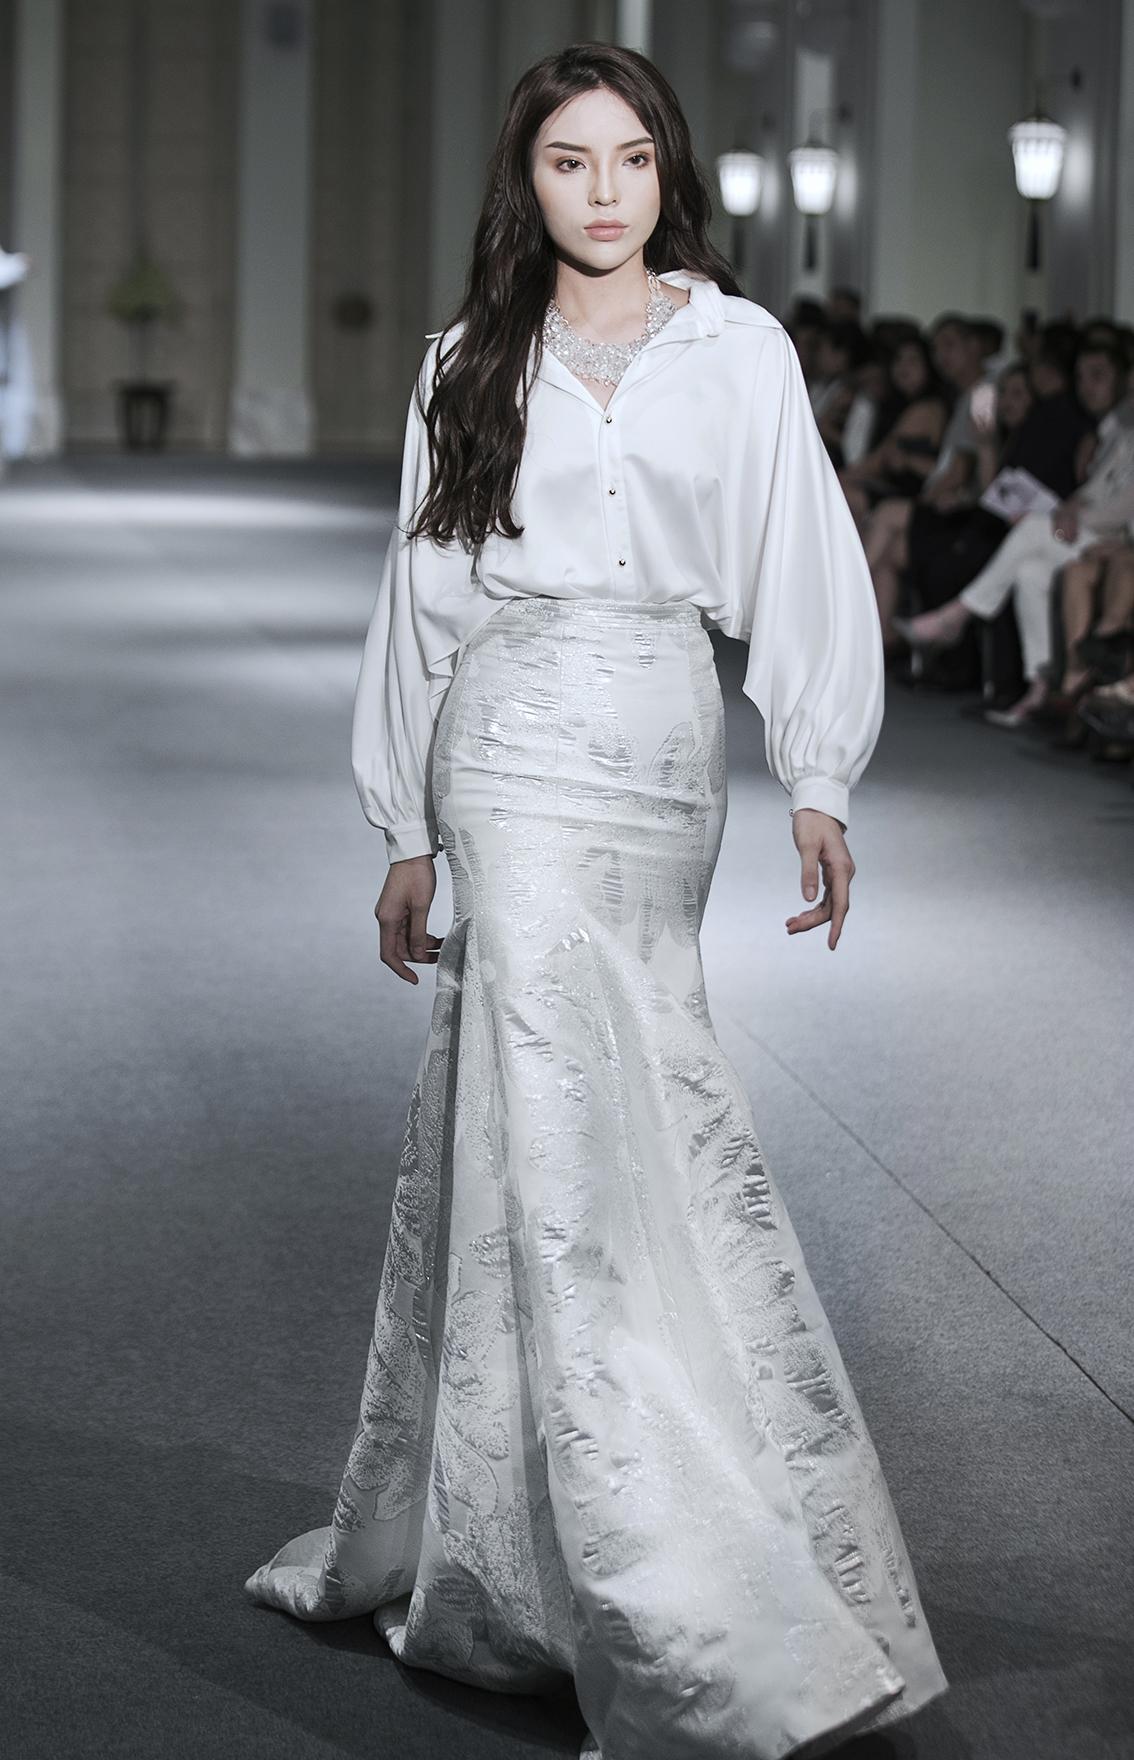 Kỳ Duyên thần thái tự tin, tỏa sáng như công chúa tuyết khi làm vedette cho show của Adrian Anh Tuấn - Ảnh 4.